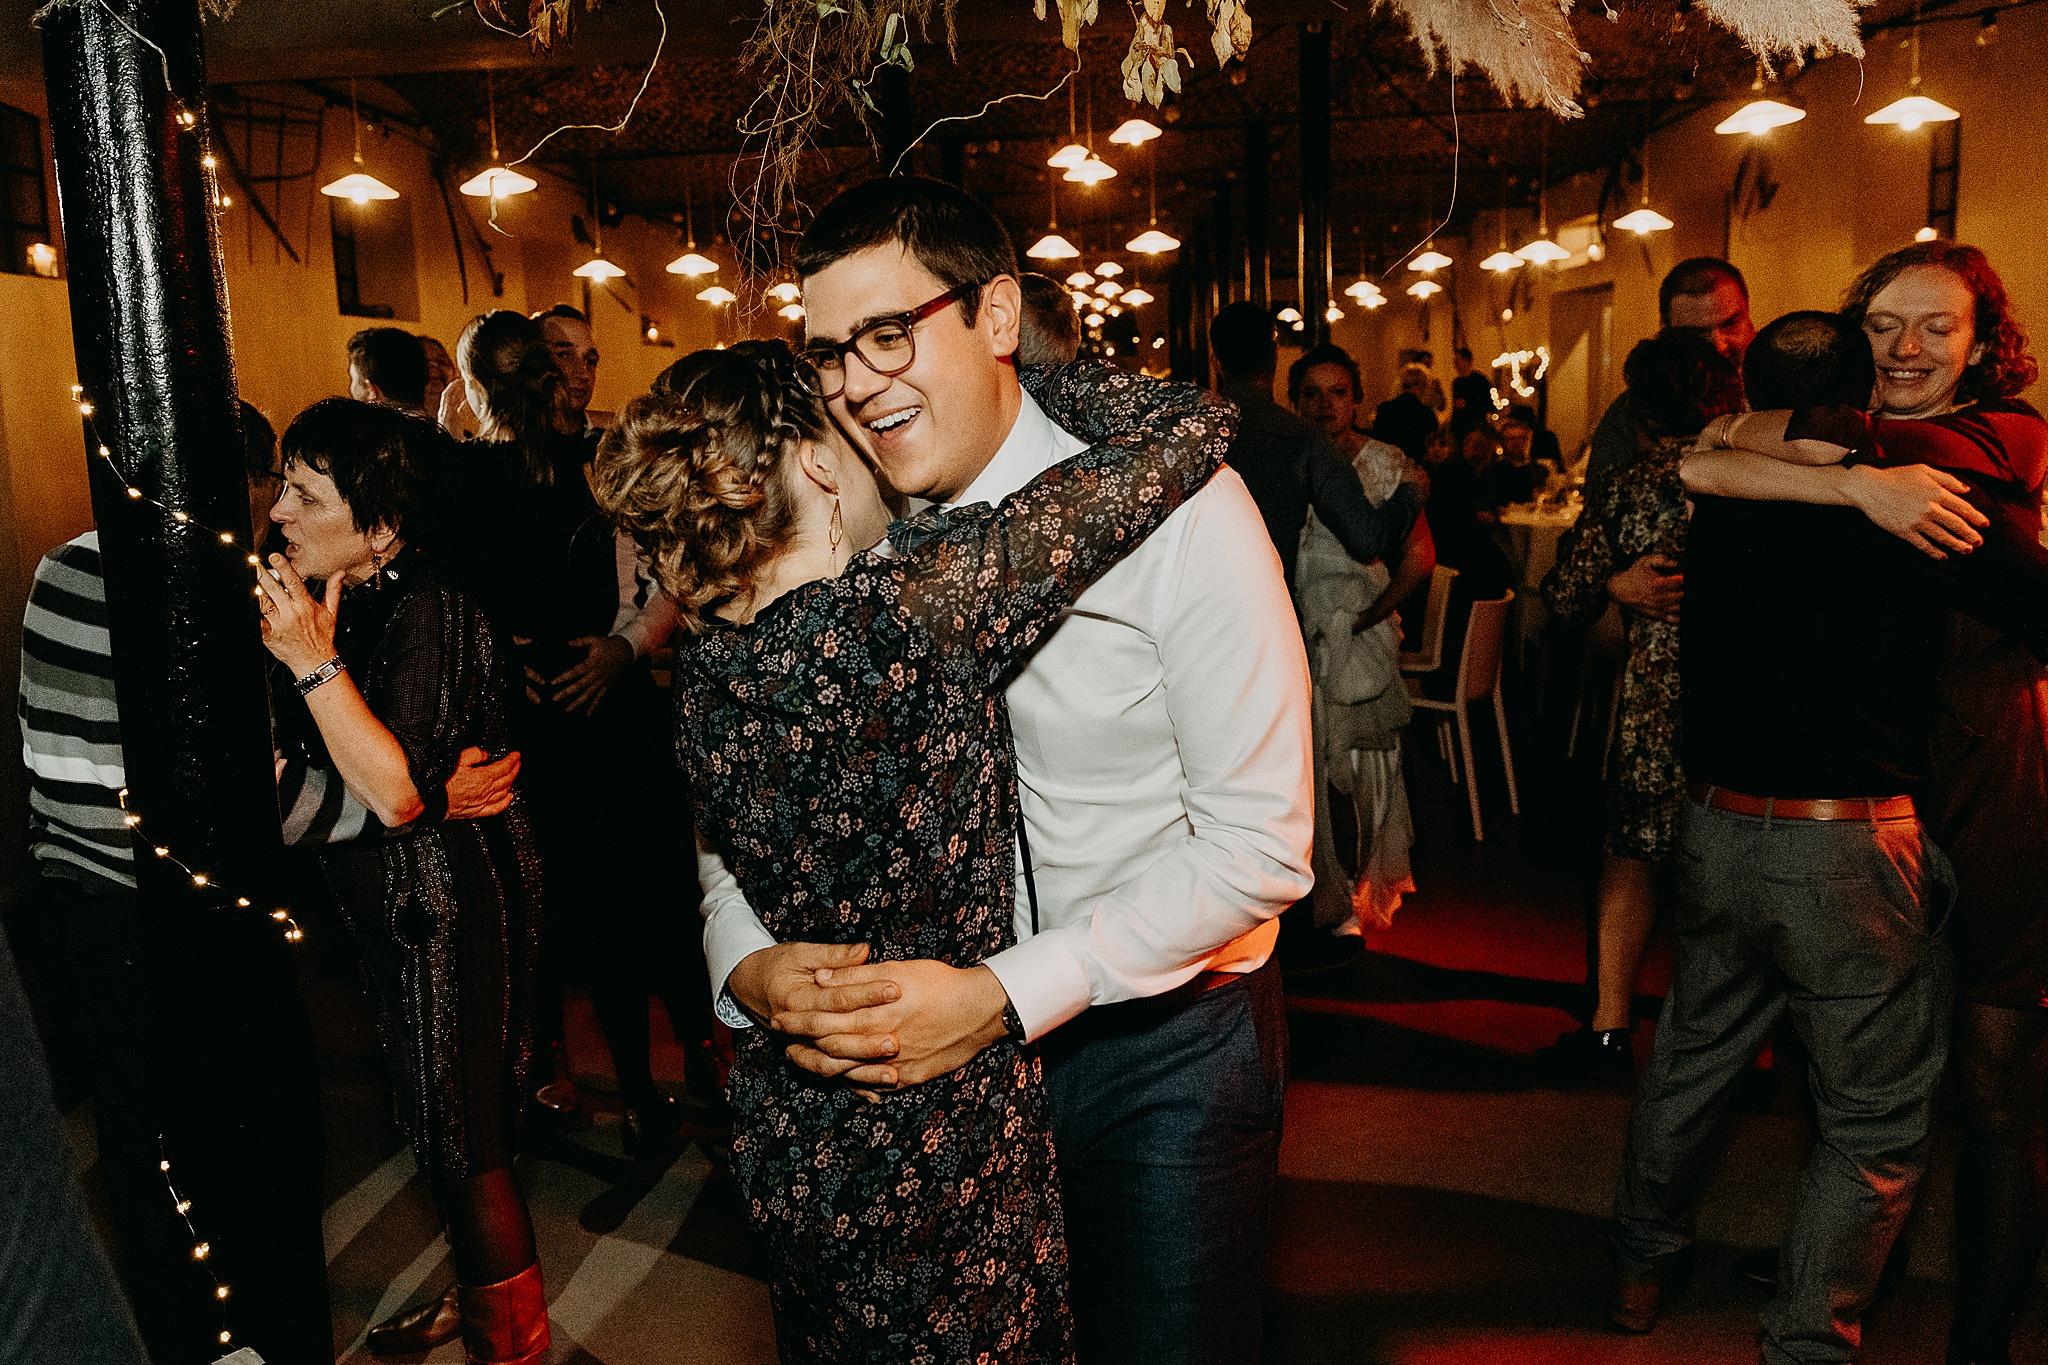 Aulnenhof huwelijk avondfeest gasten dansen